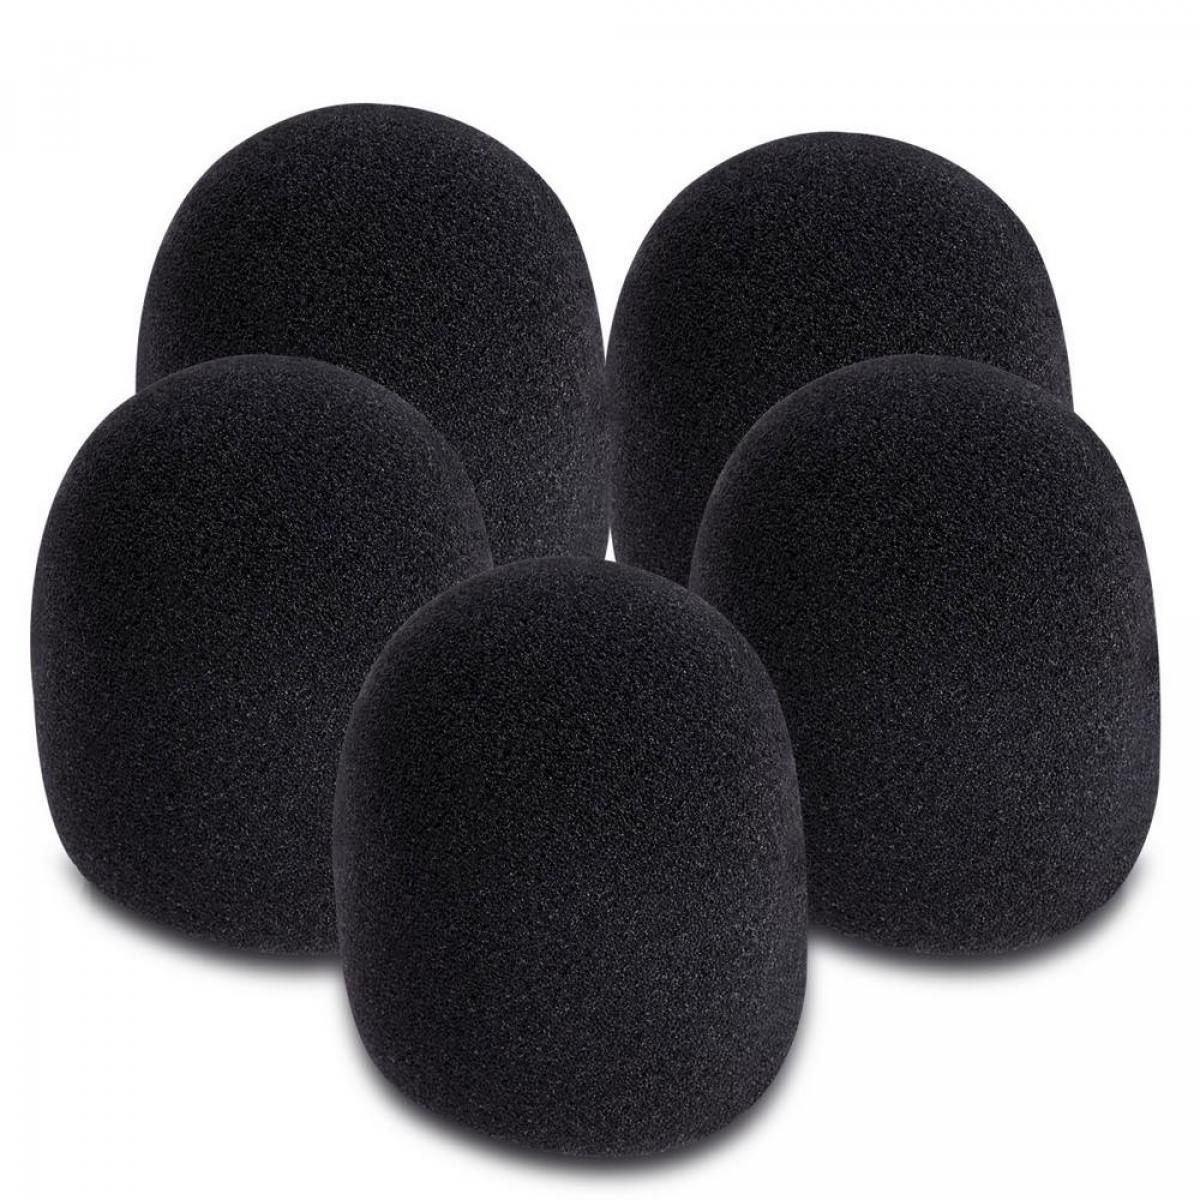 Foam Microphone Windscreens 5-pack